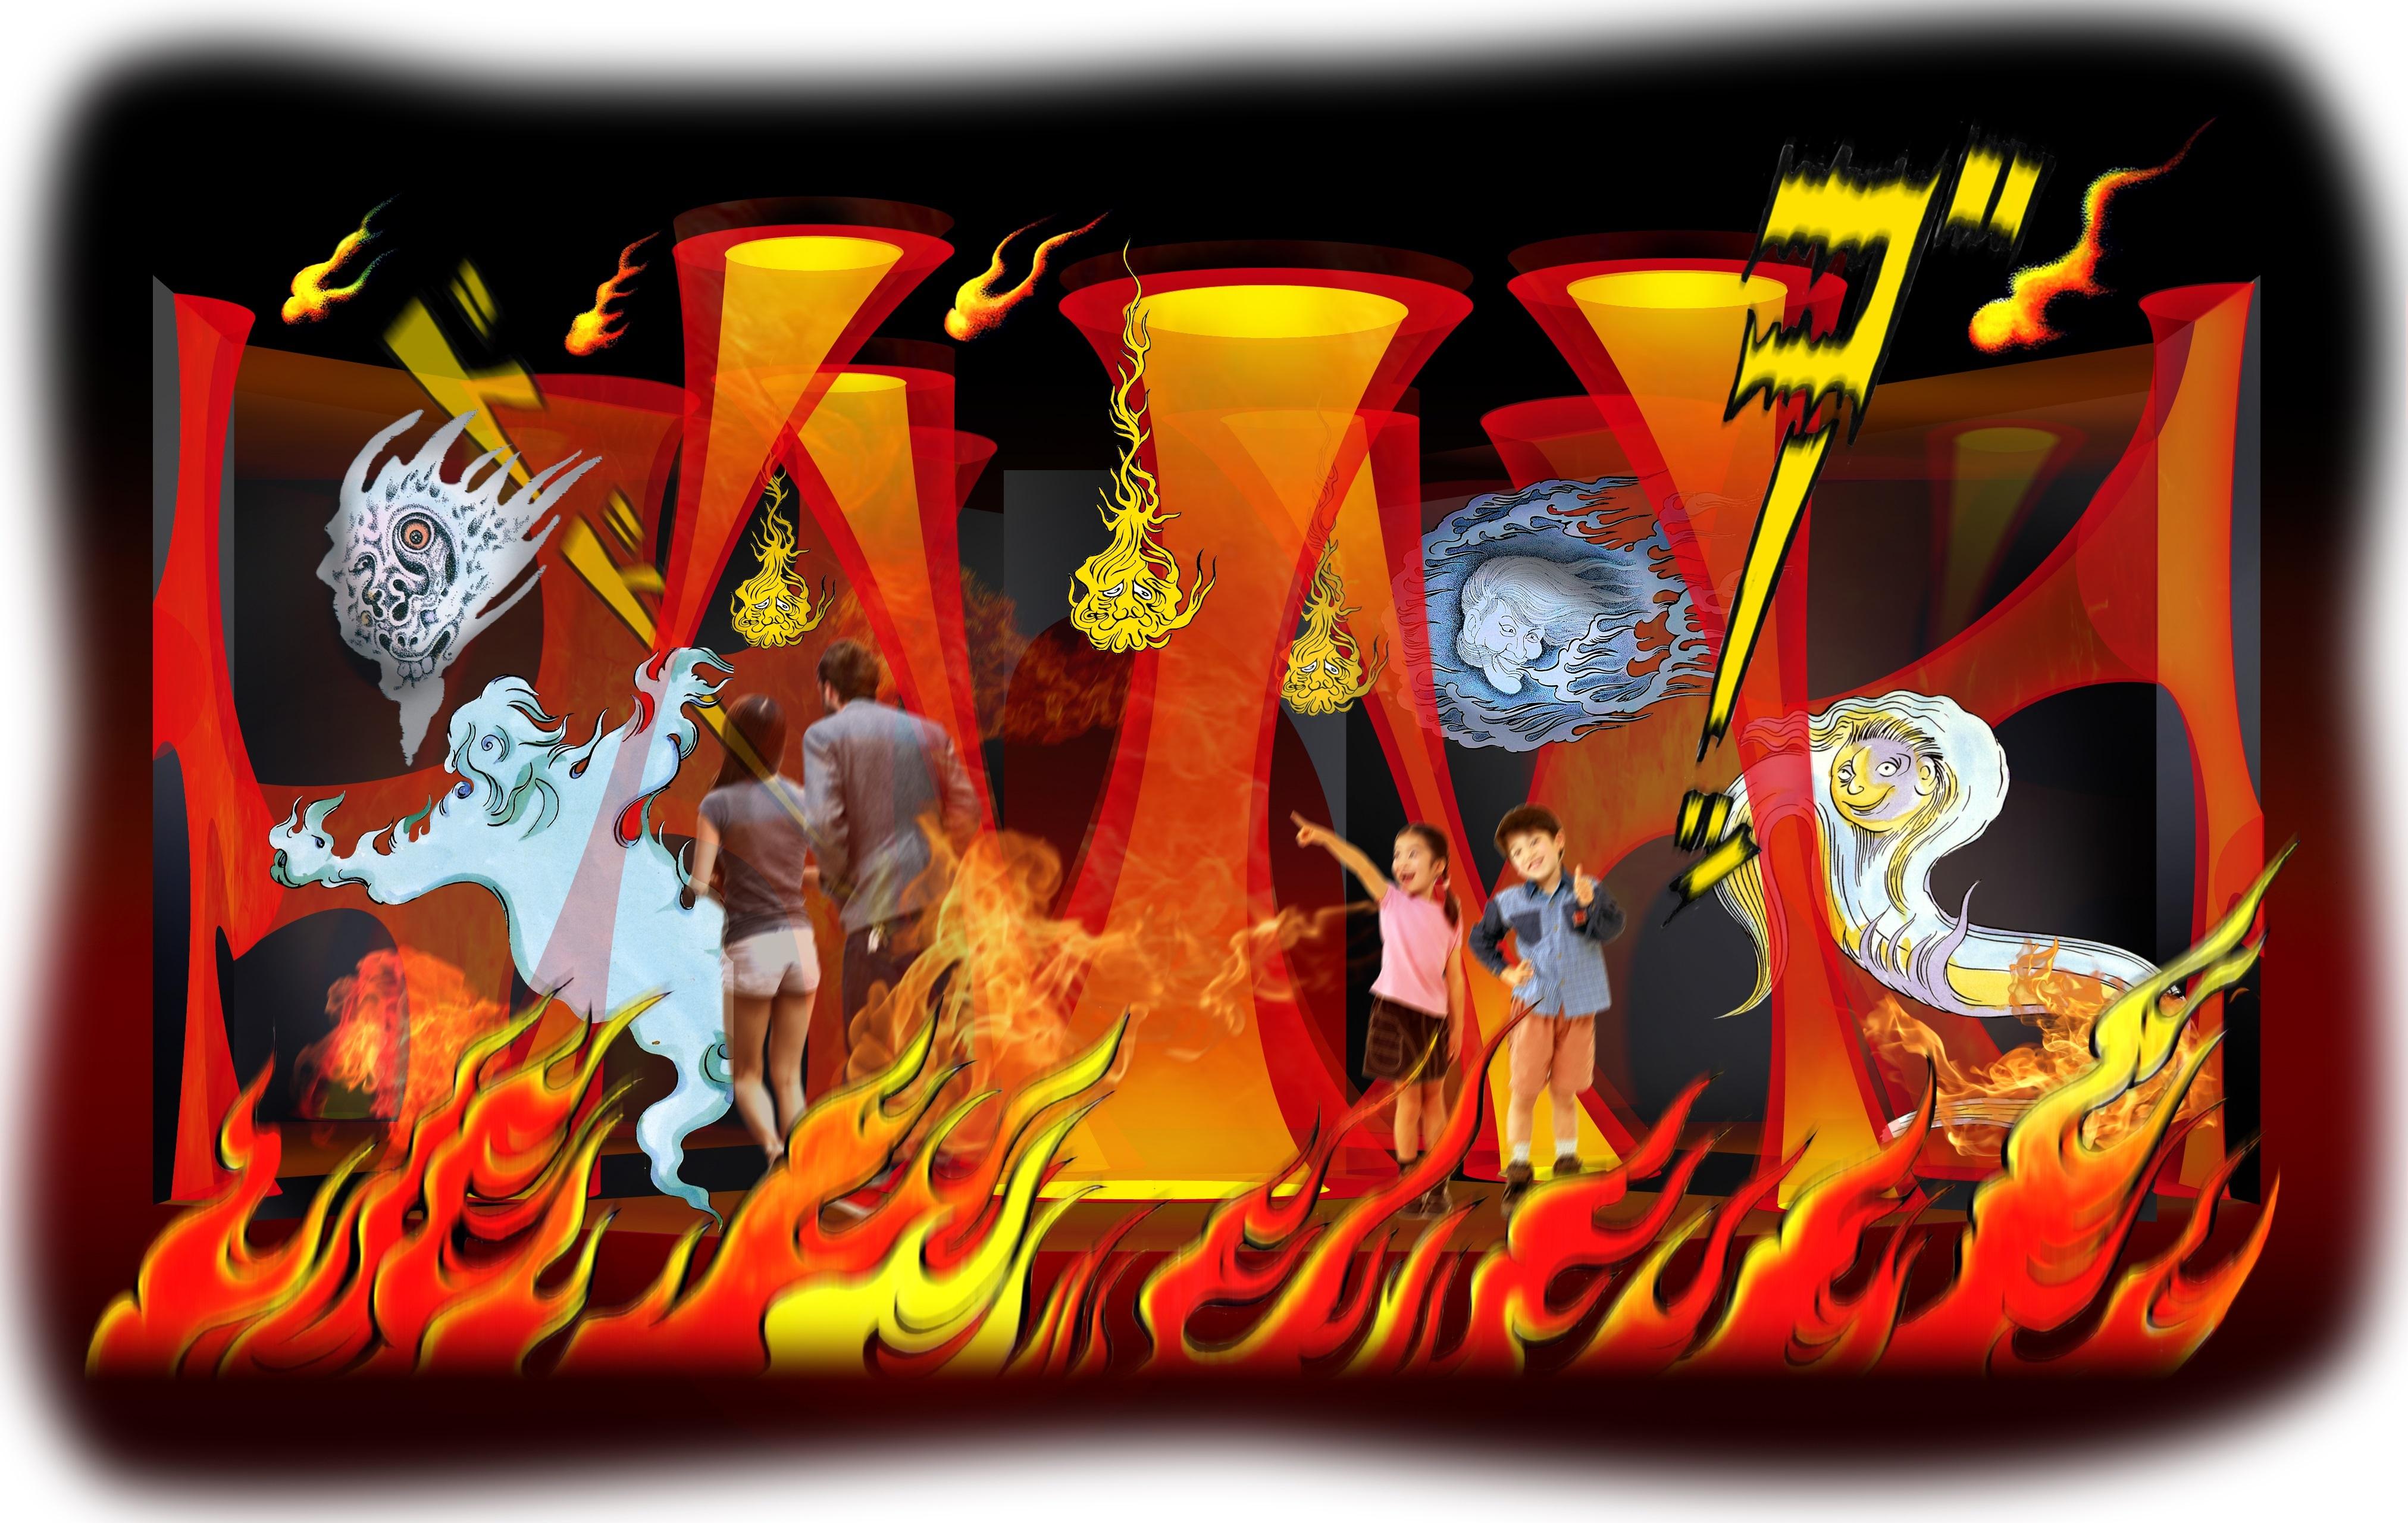 火炎の洞窟イメージ (C)水木プロダクション